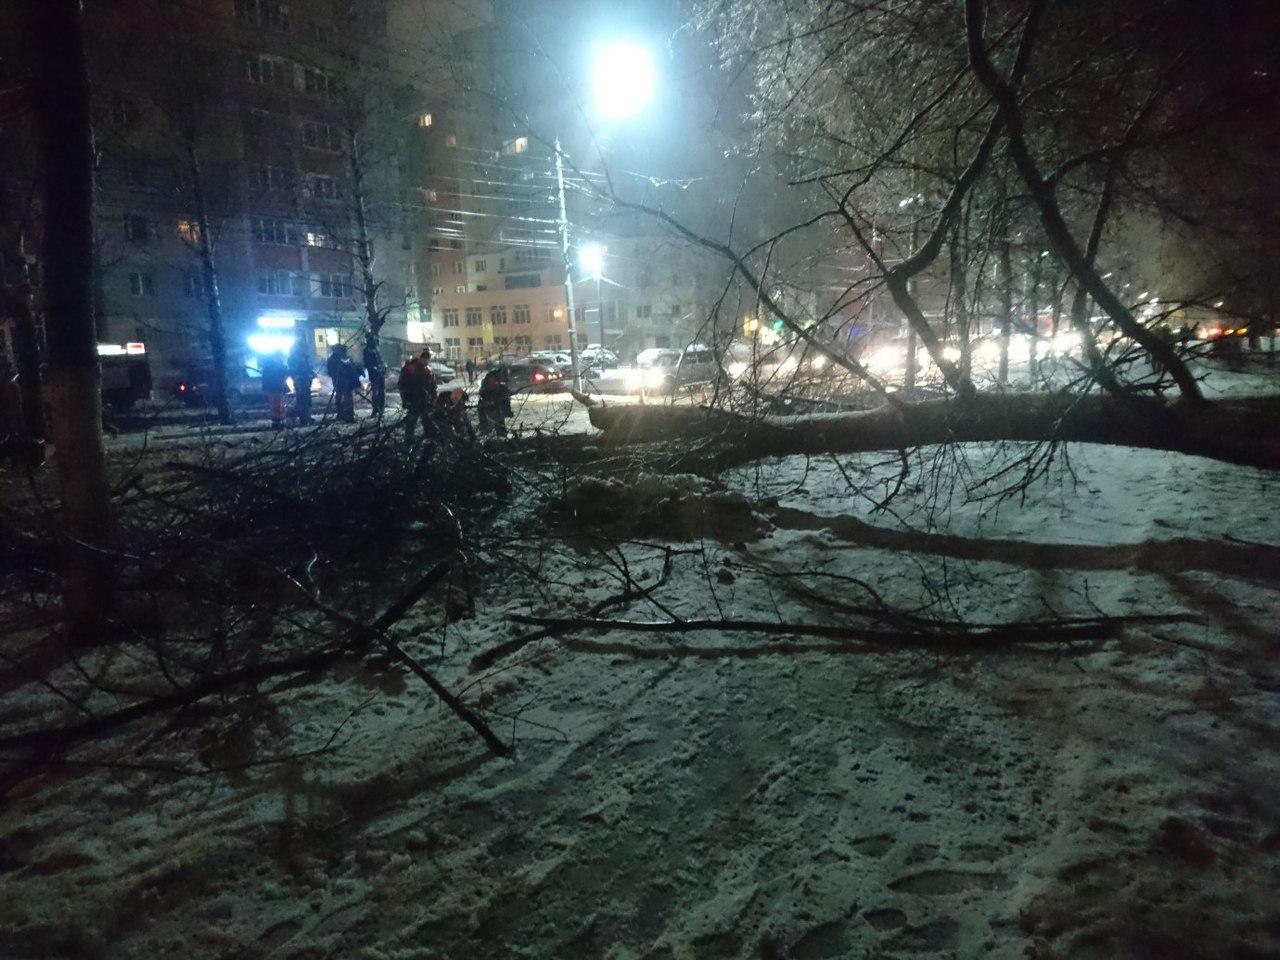 Фото-факт: На улице Народном бульваре рухнуло дерево